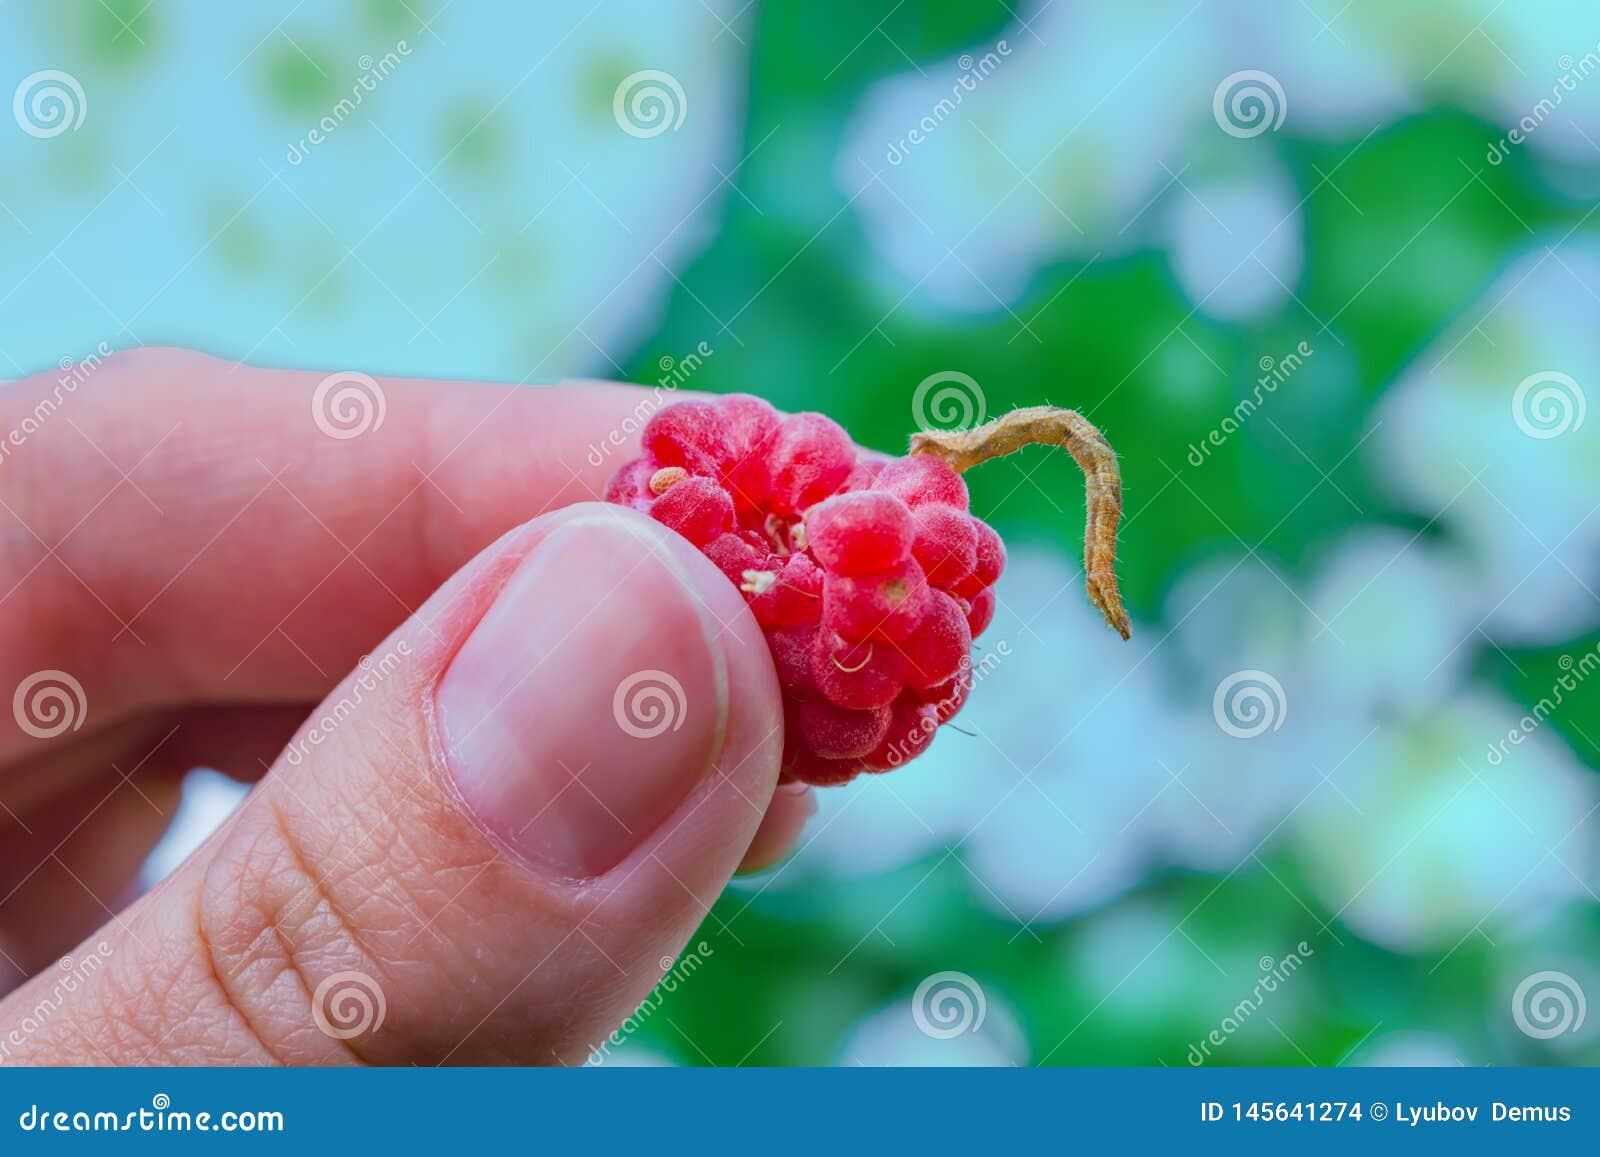 Красная зрелая поленика с червем держит пальцы женщины,